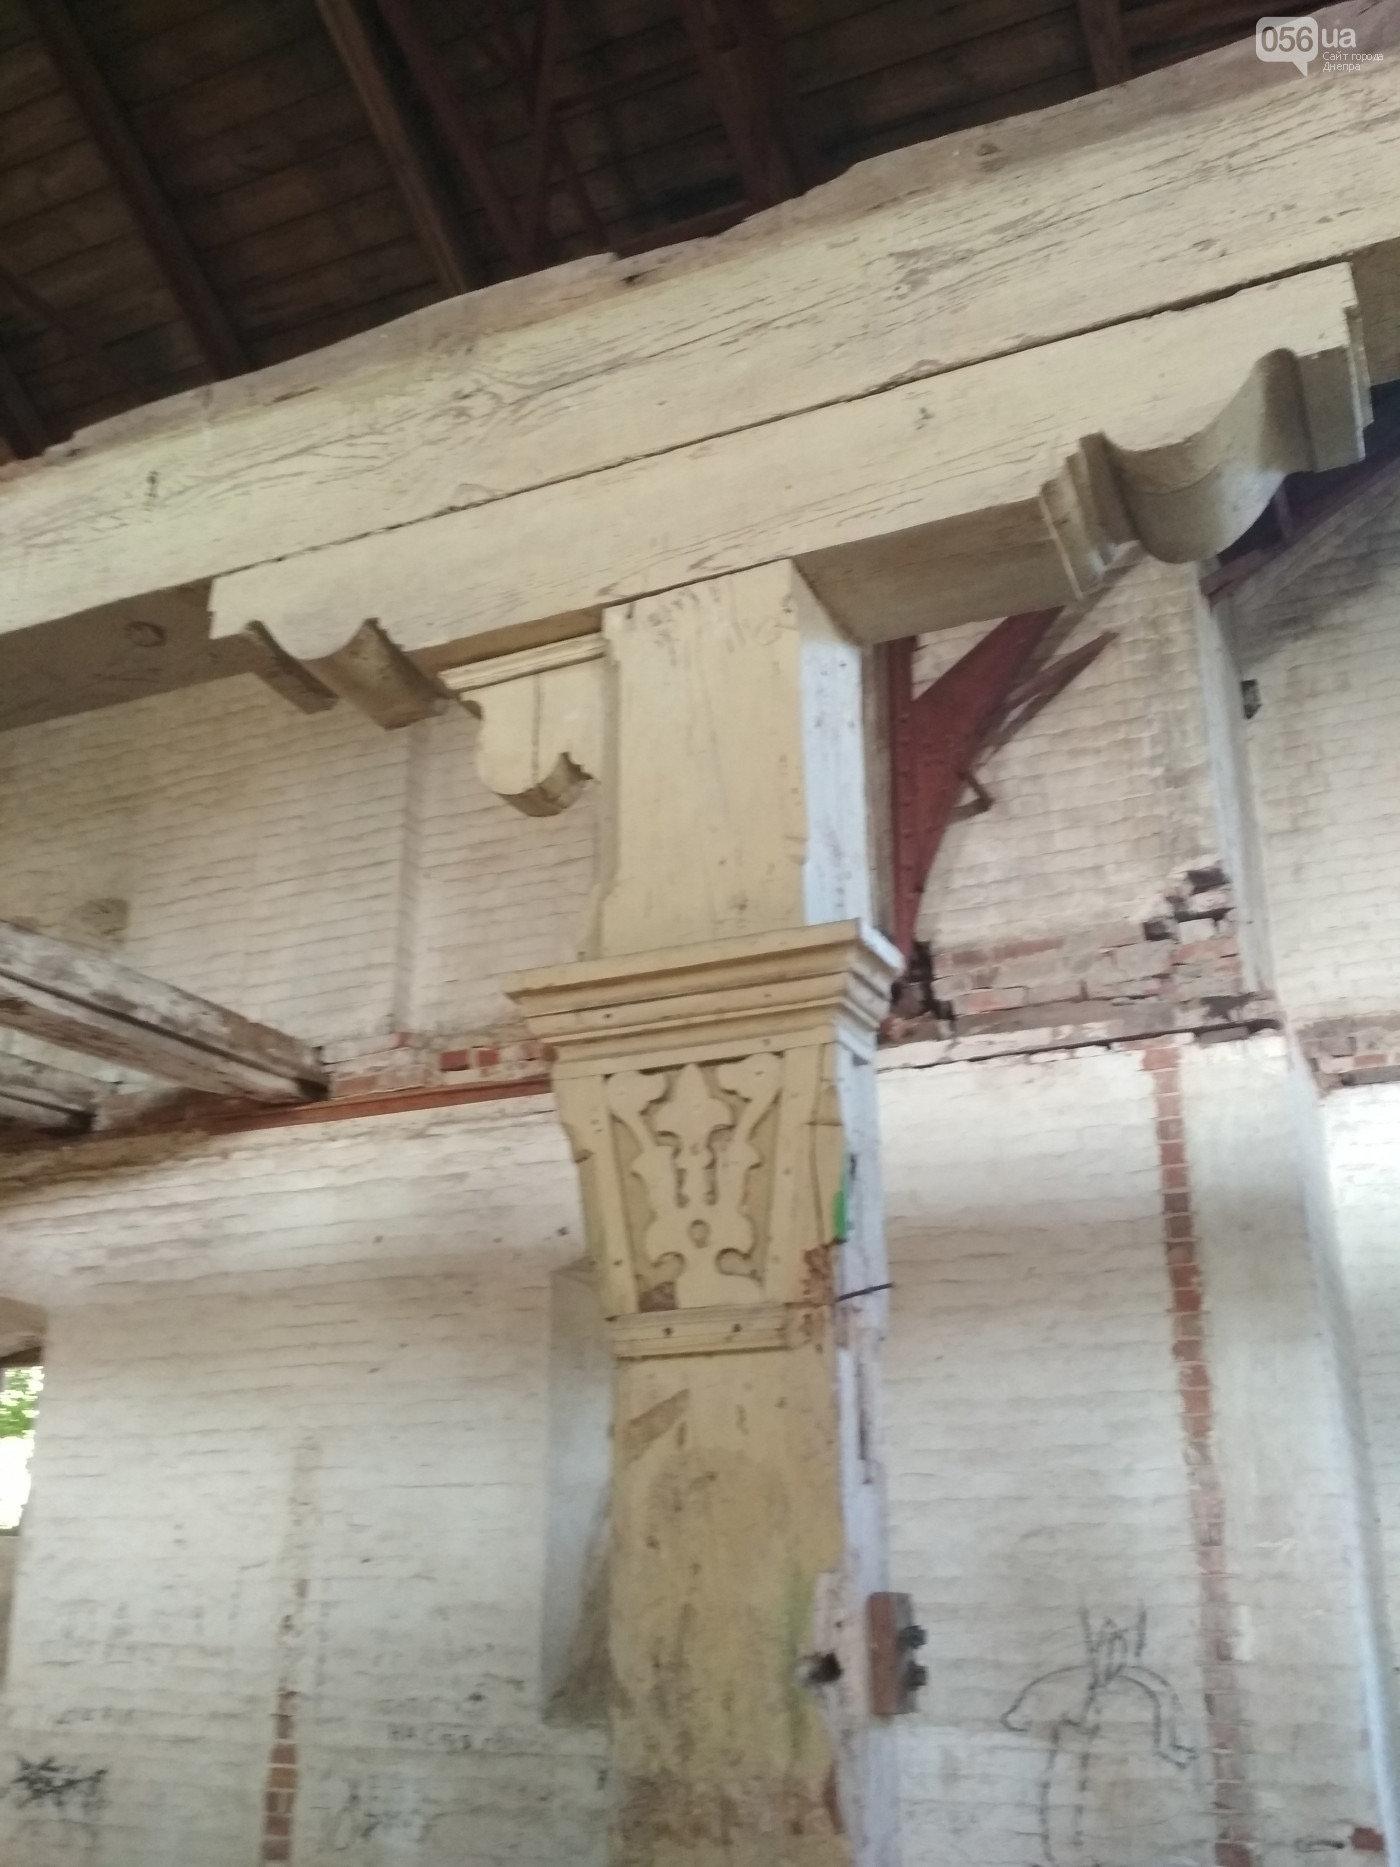 Ремонт и строительство в Днепре – что предлагают компании, фото-15